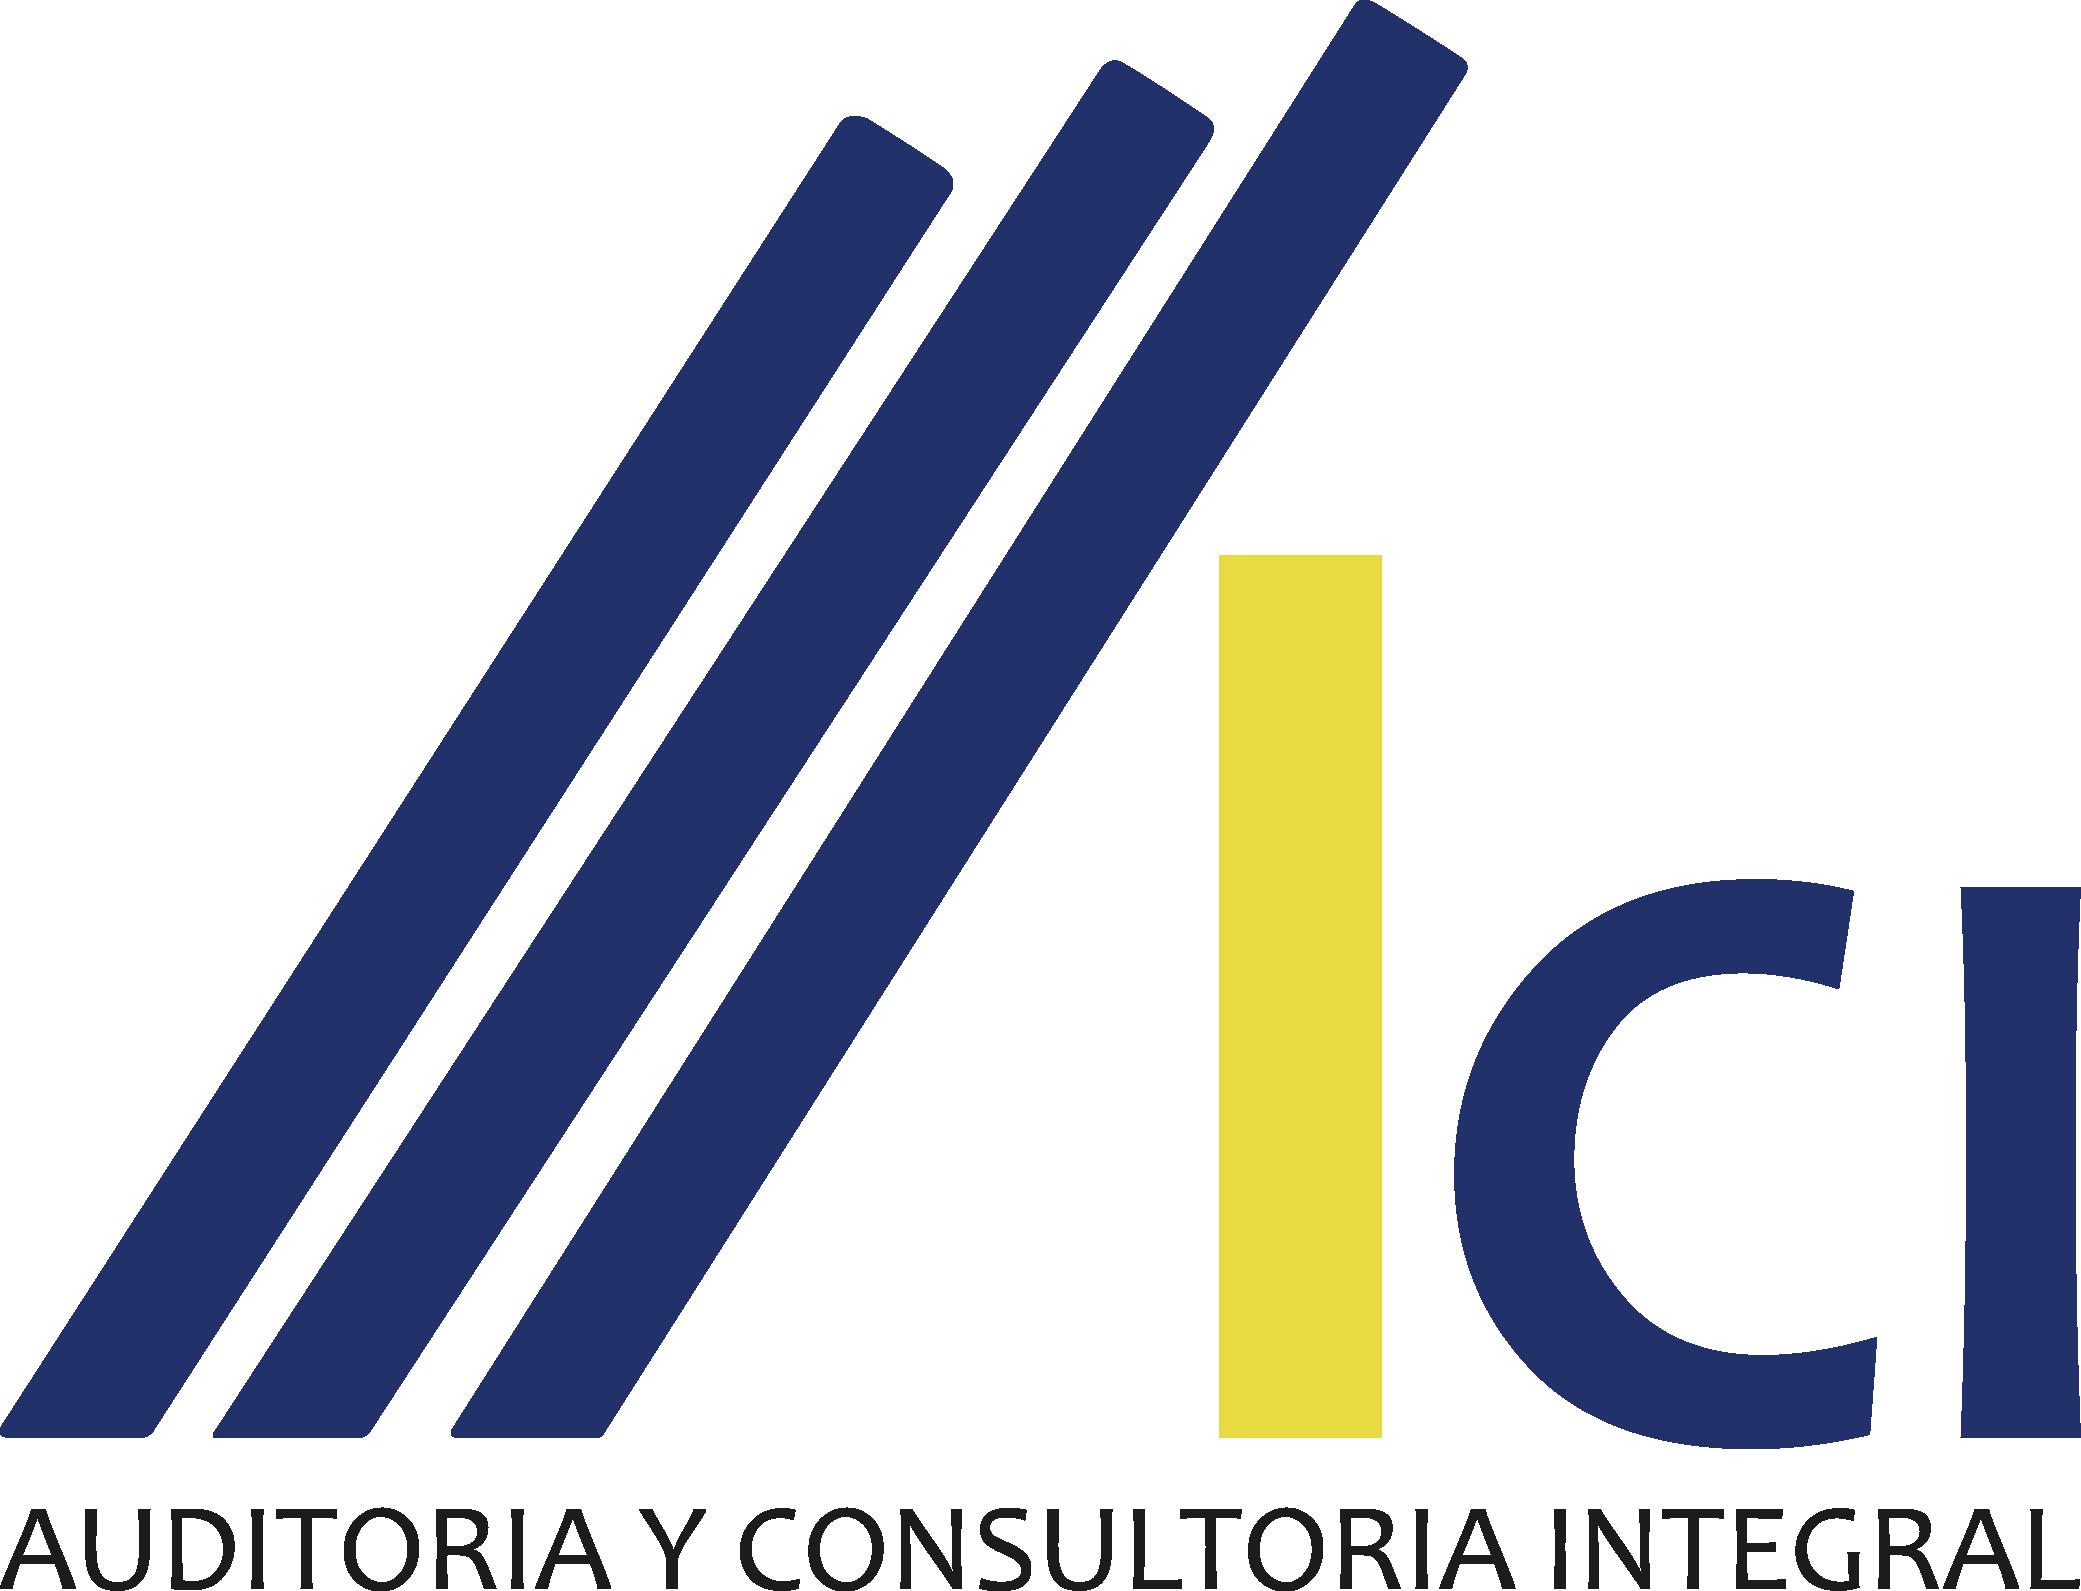 Auditoría y Consultoría Integral